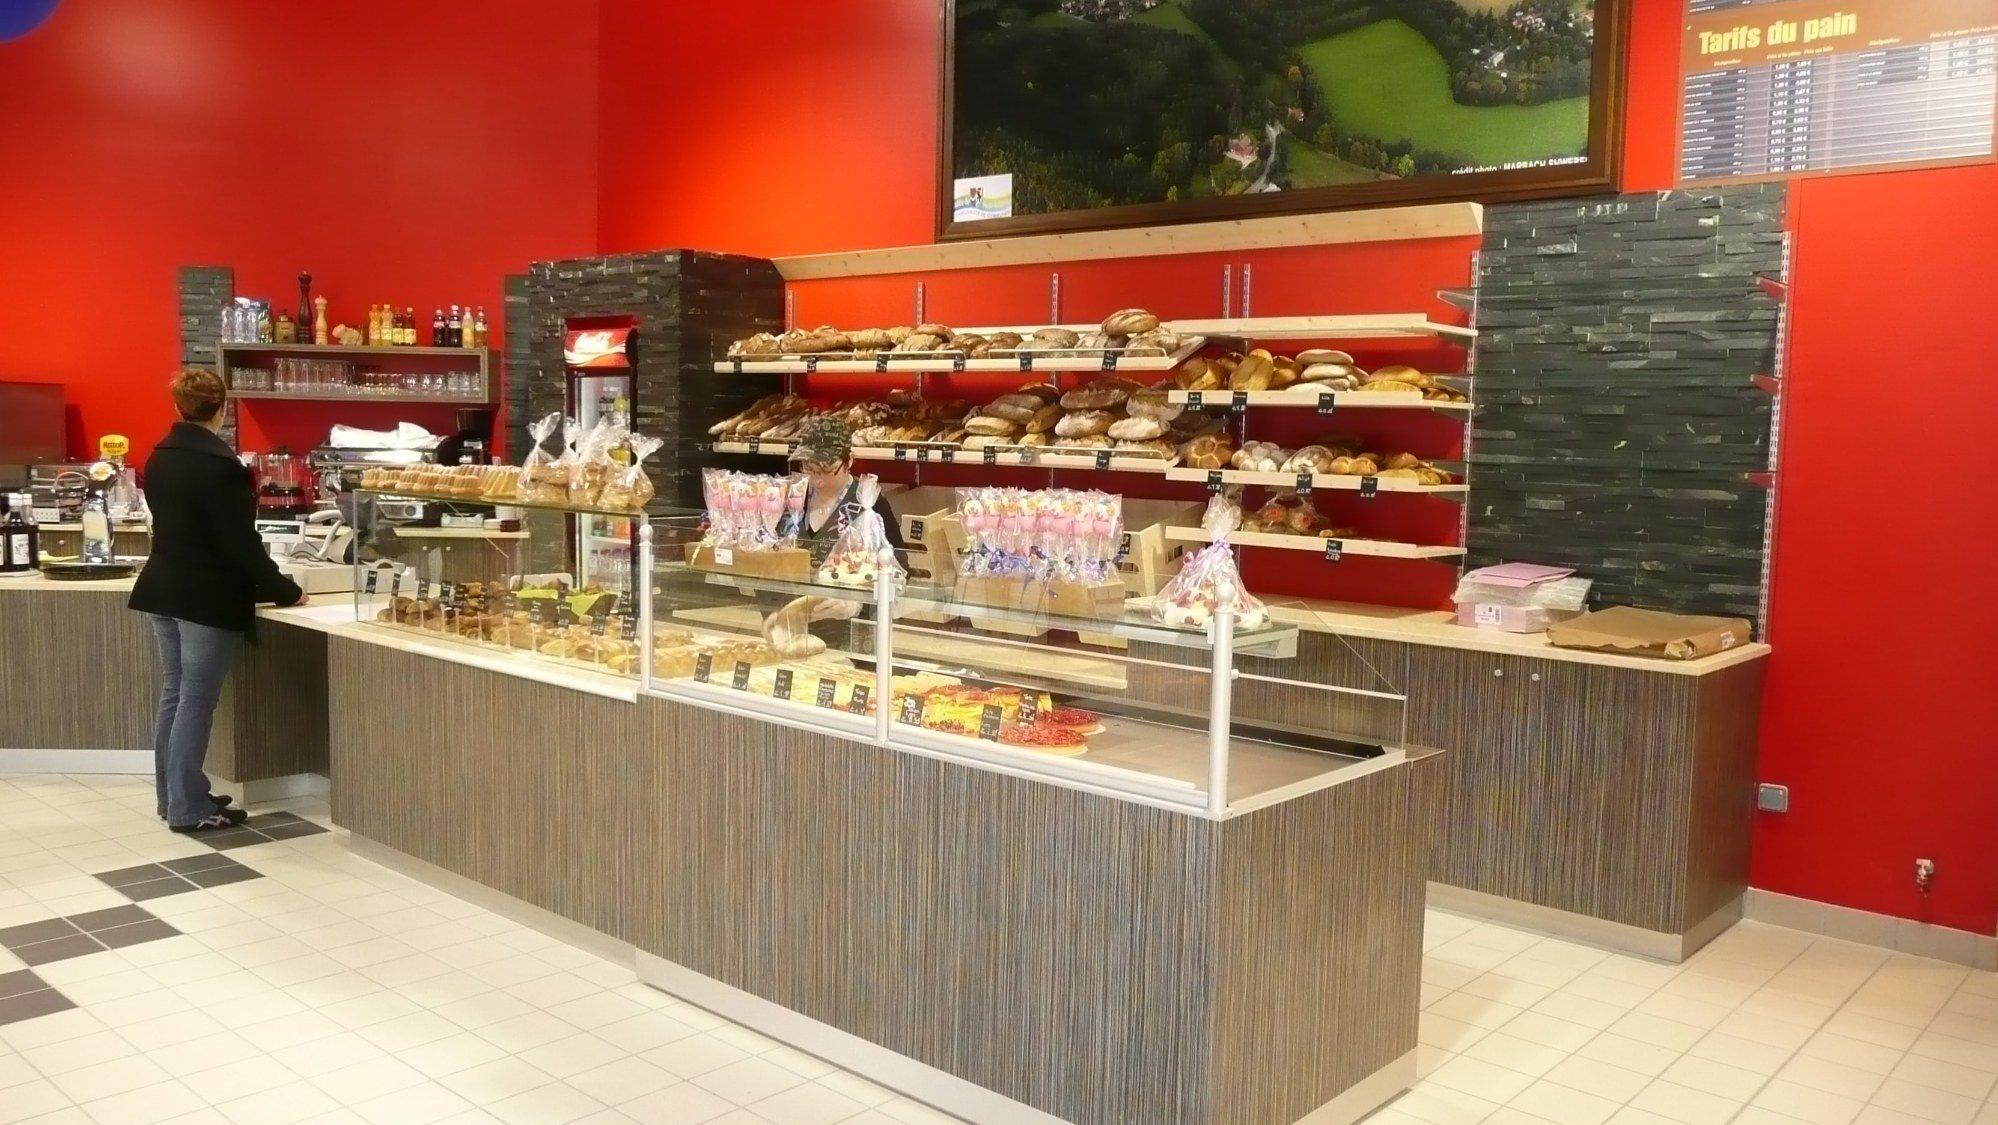 Agencement boulangerie VUILLEMIN